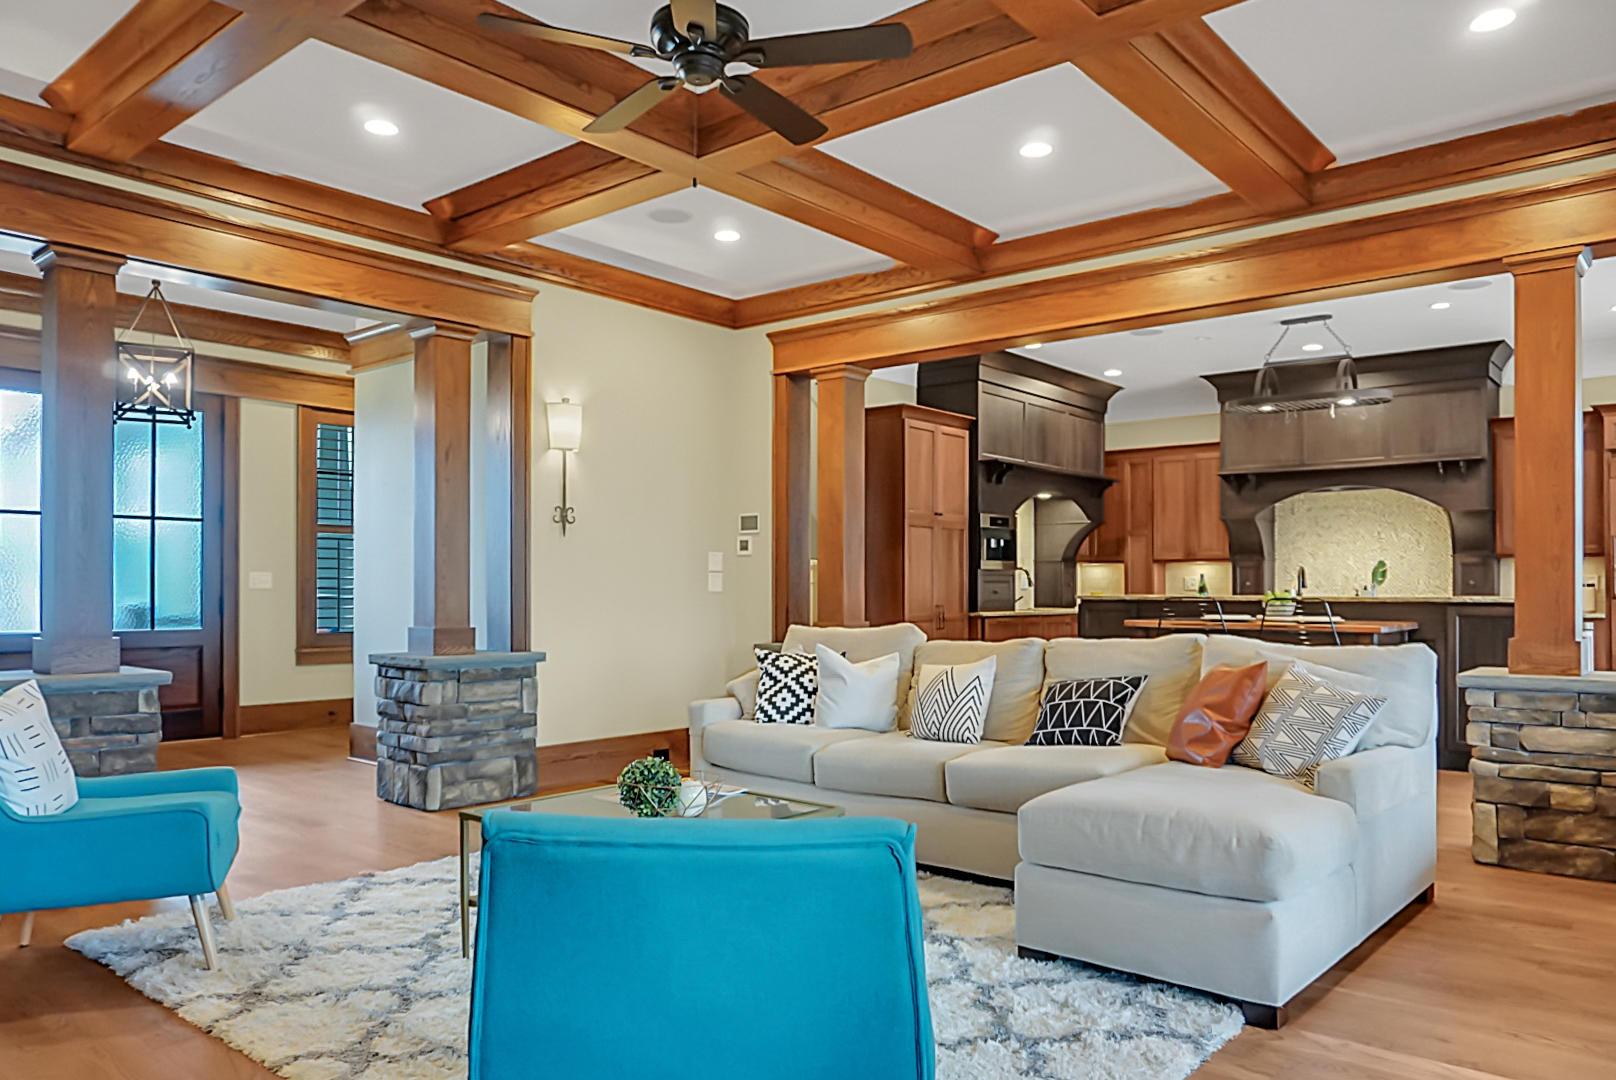 Dunes West Homes For Sale - 2978 River Vista, Mount Pleasant, SC - 84